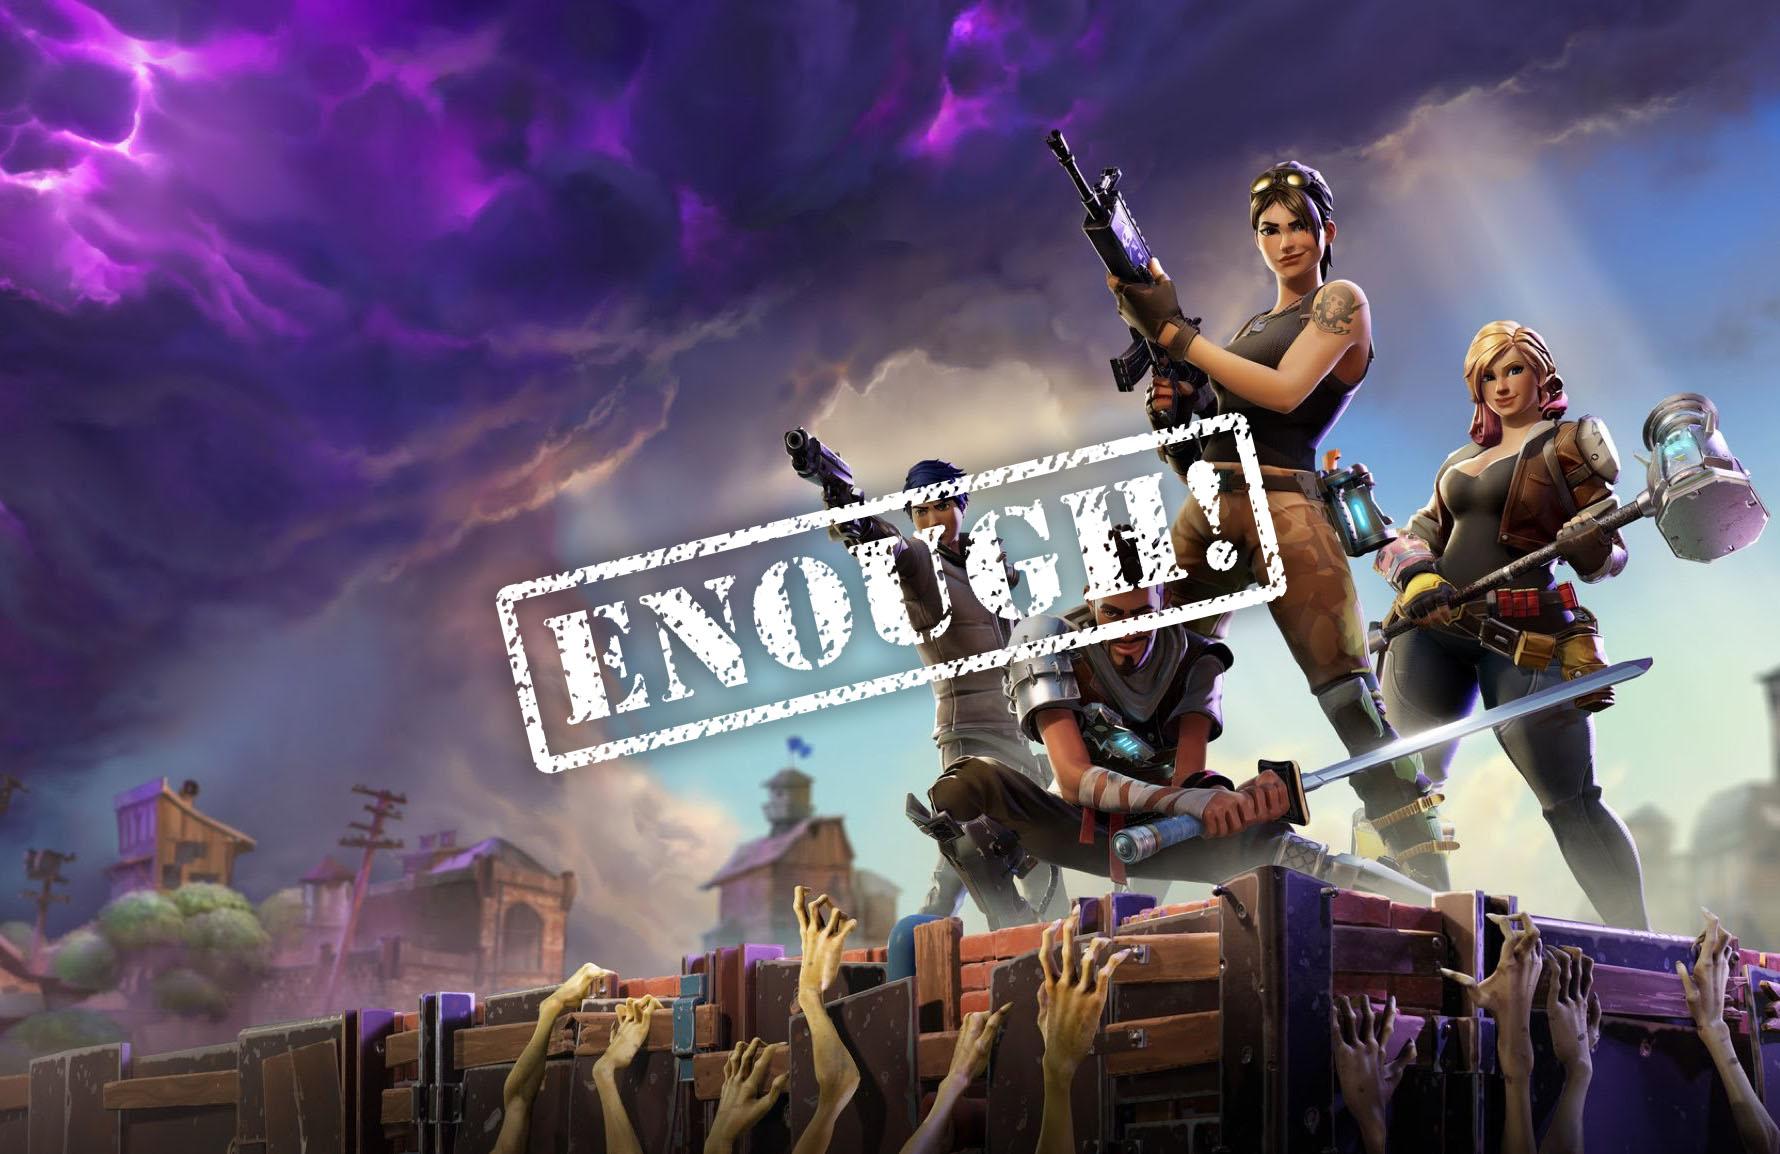 Fortnite enough|Fortnite V-Bucks|Fortnite gamer